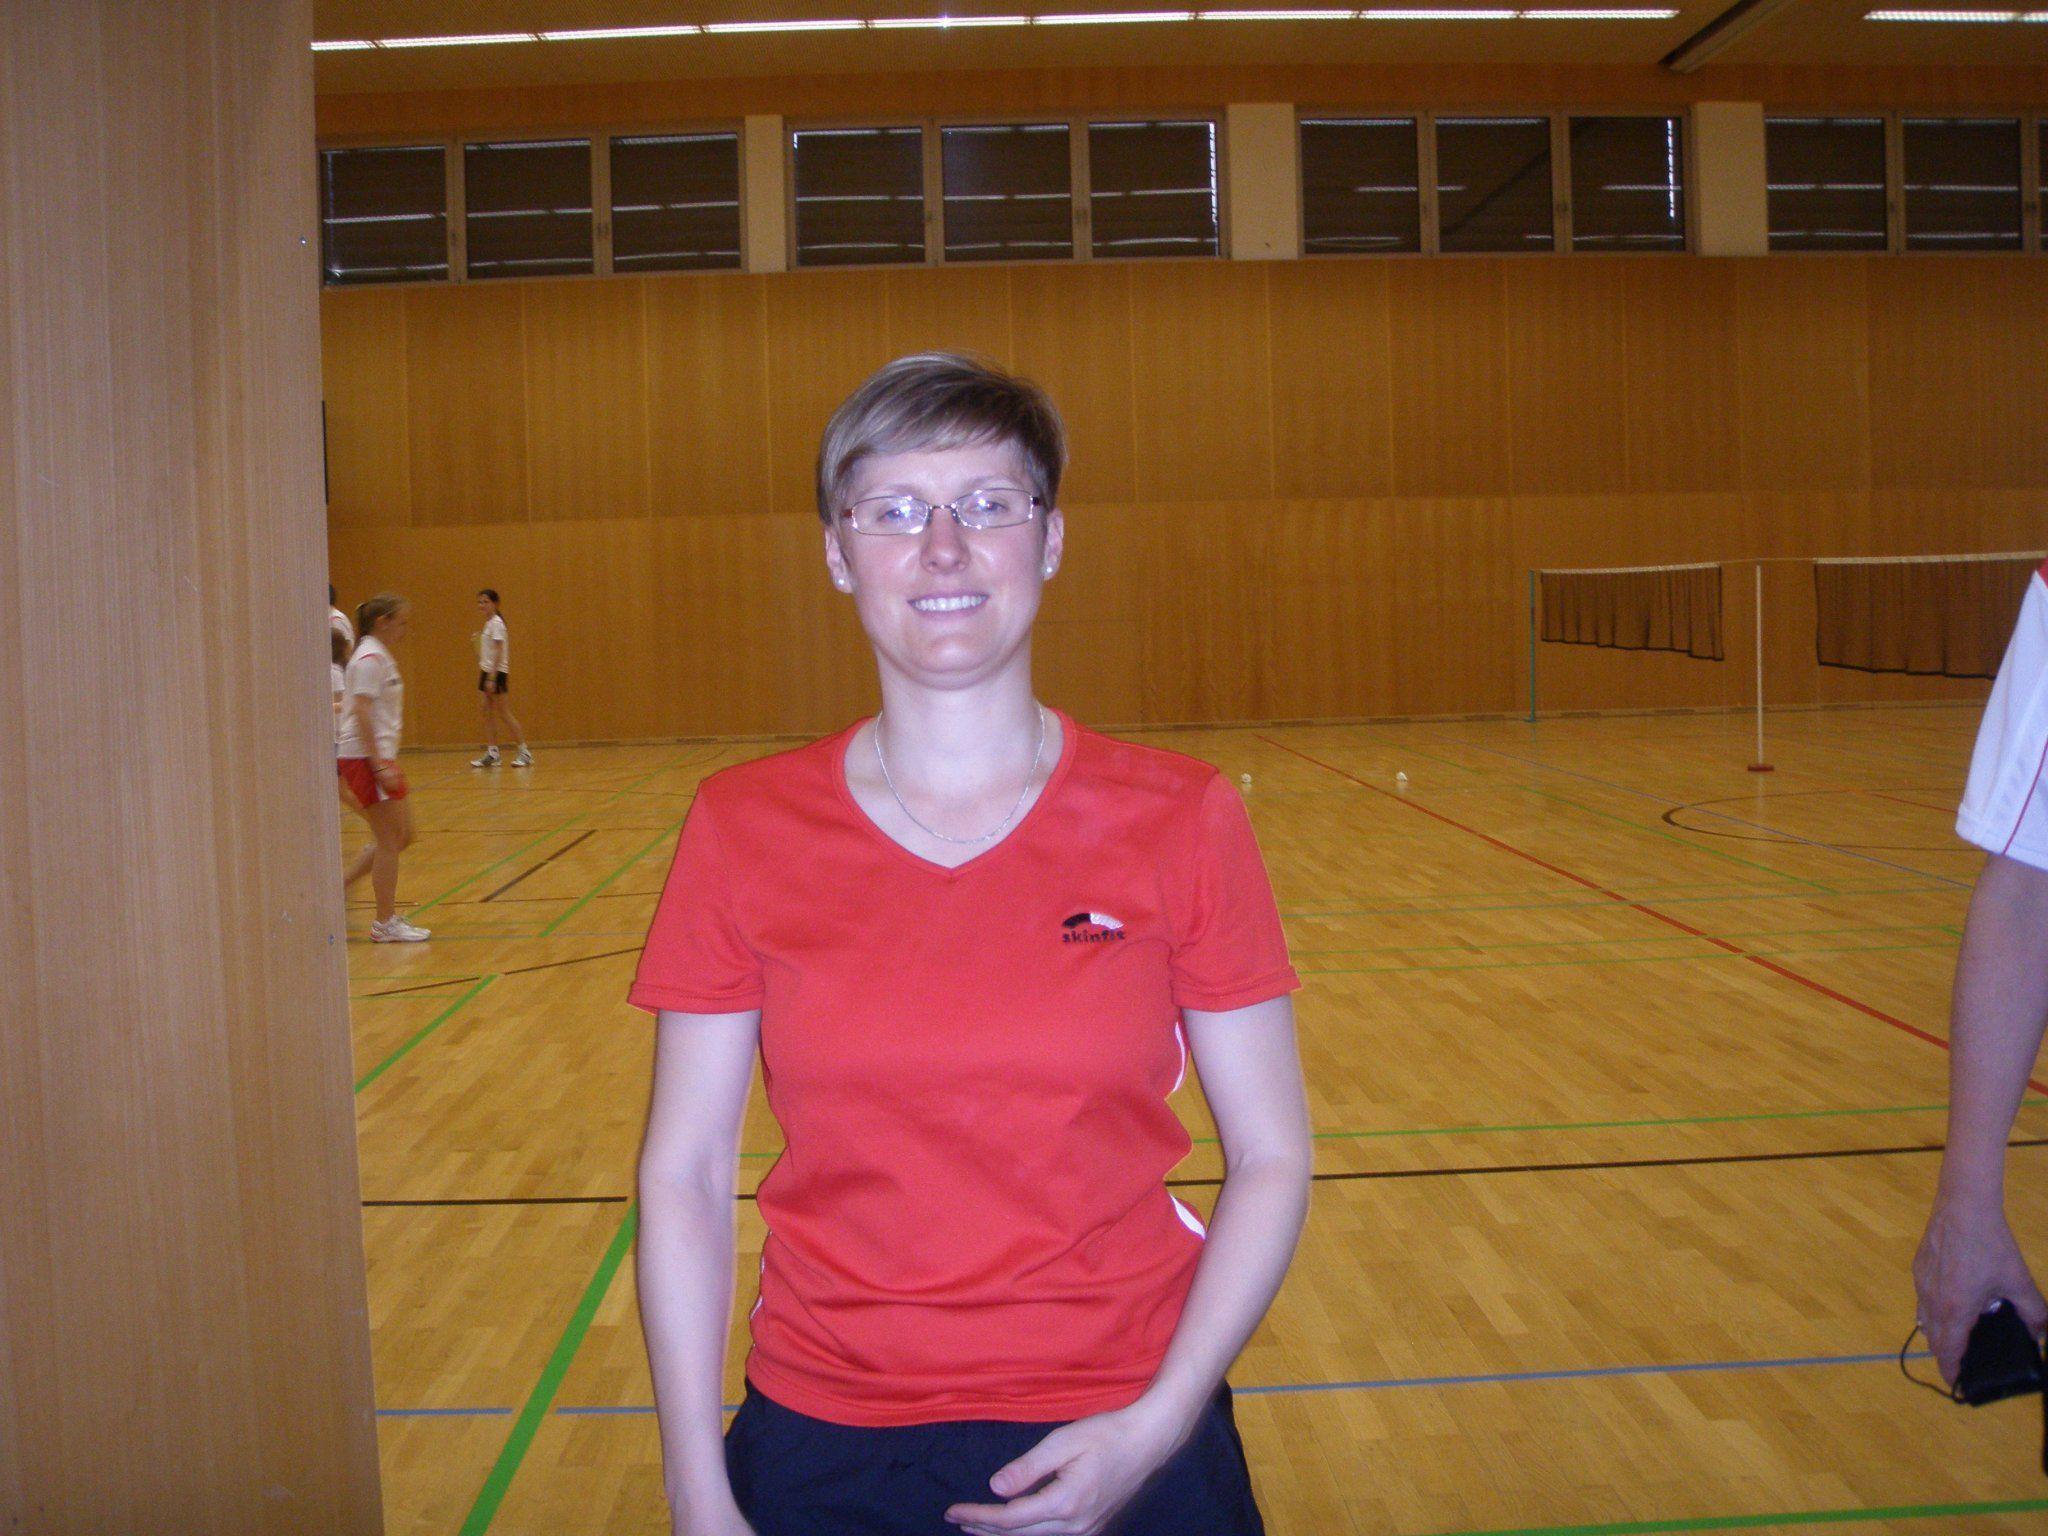 Karin Mathis